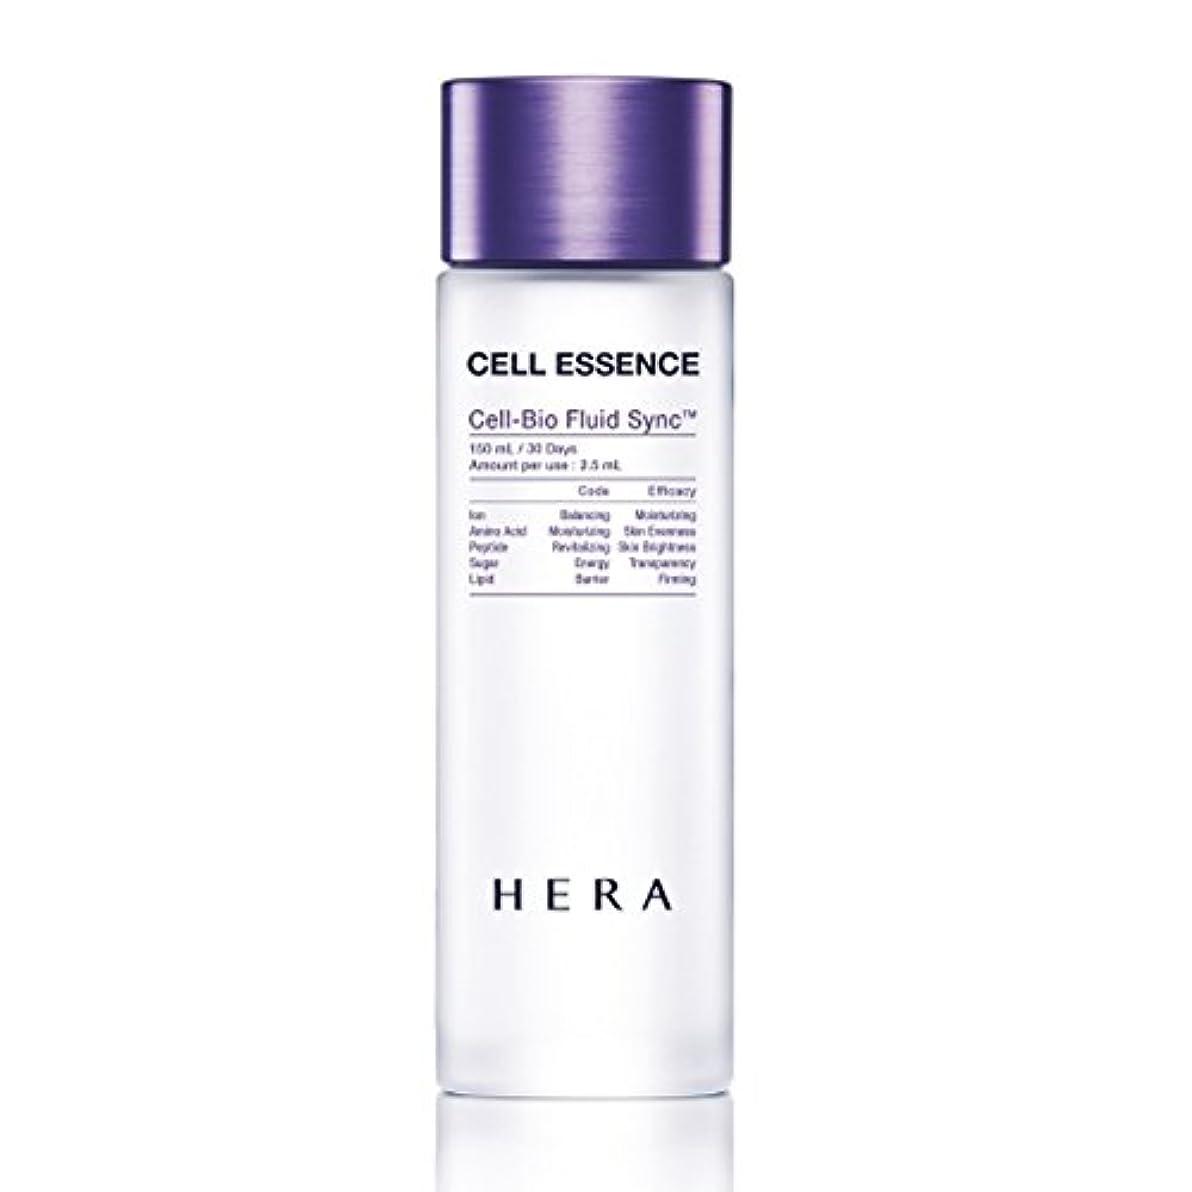 真夜中外部ブレンド[ヘラ/HERA]HERA CELL ESSENCE/ヘラ セル エッセンス 150ml【美容液】(海外直送品)